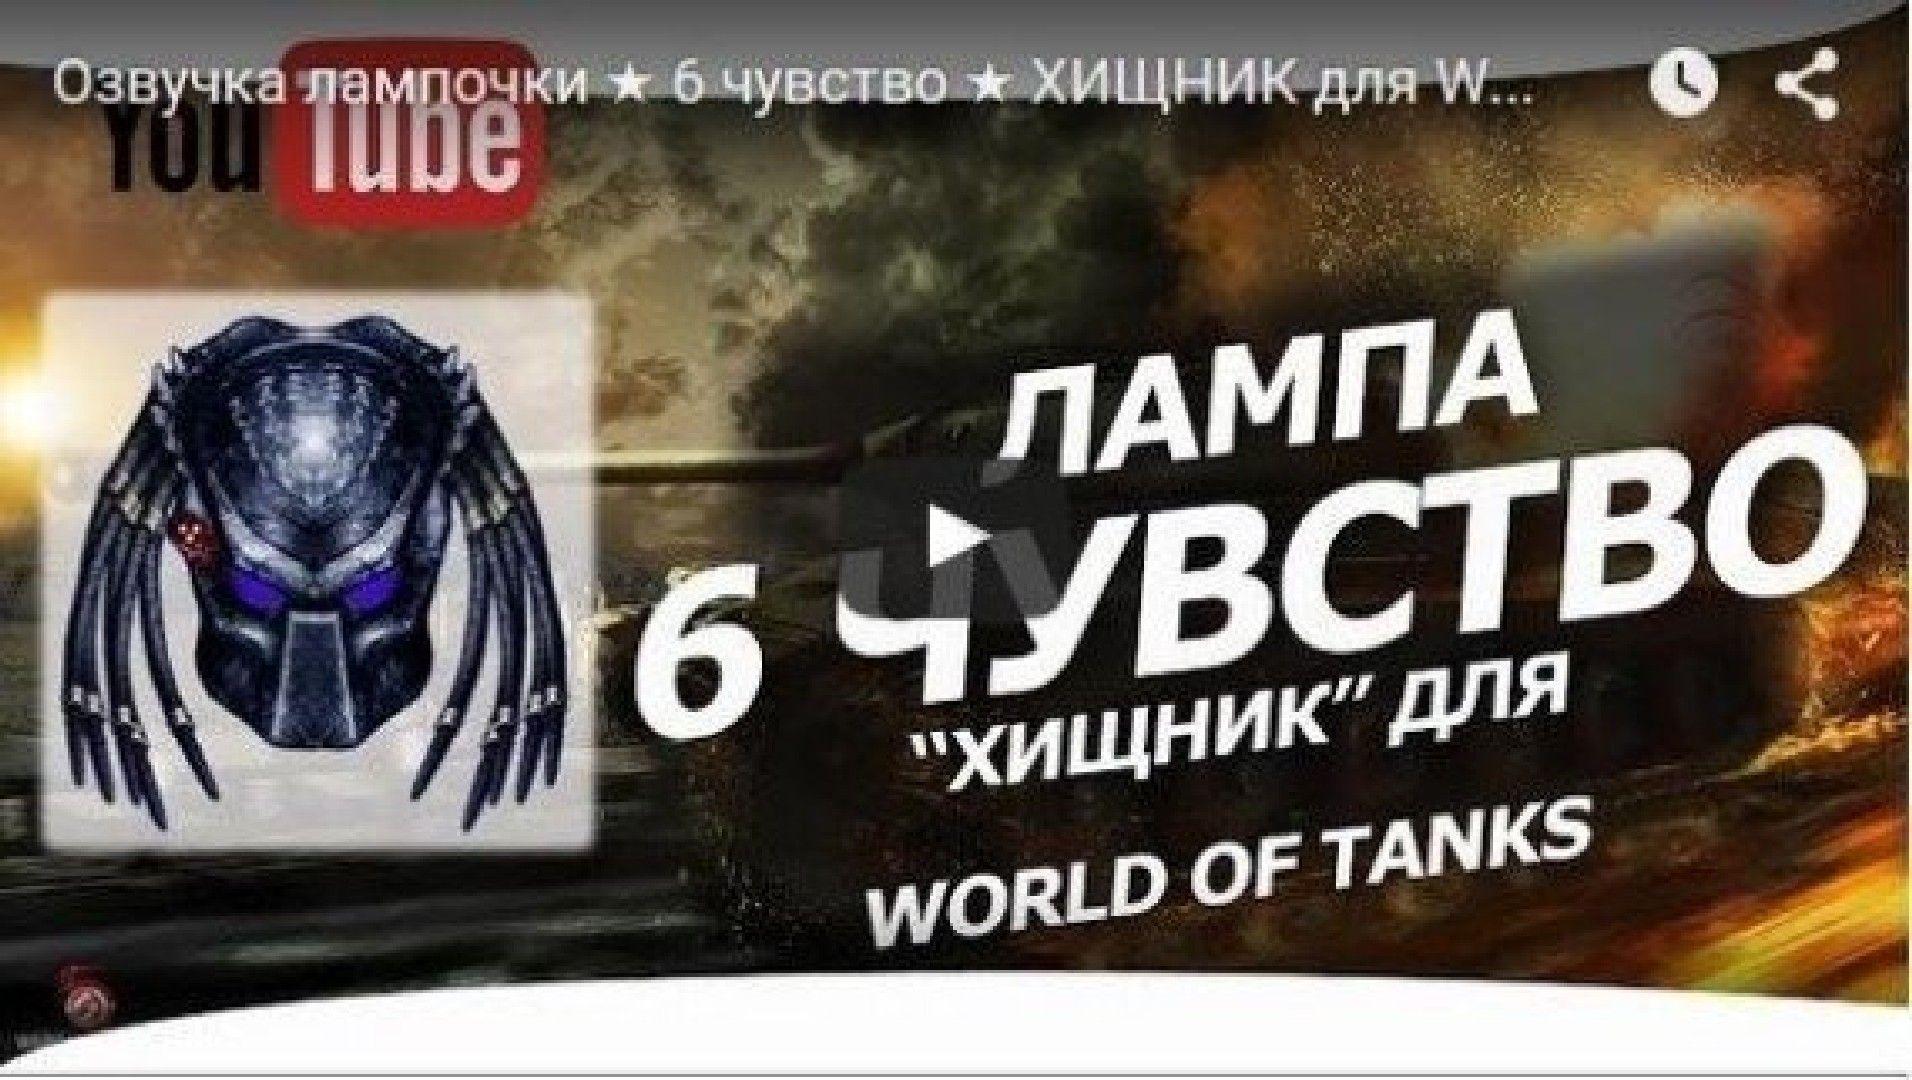 лампа озвучка хищника world of tanks